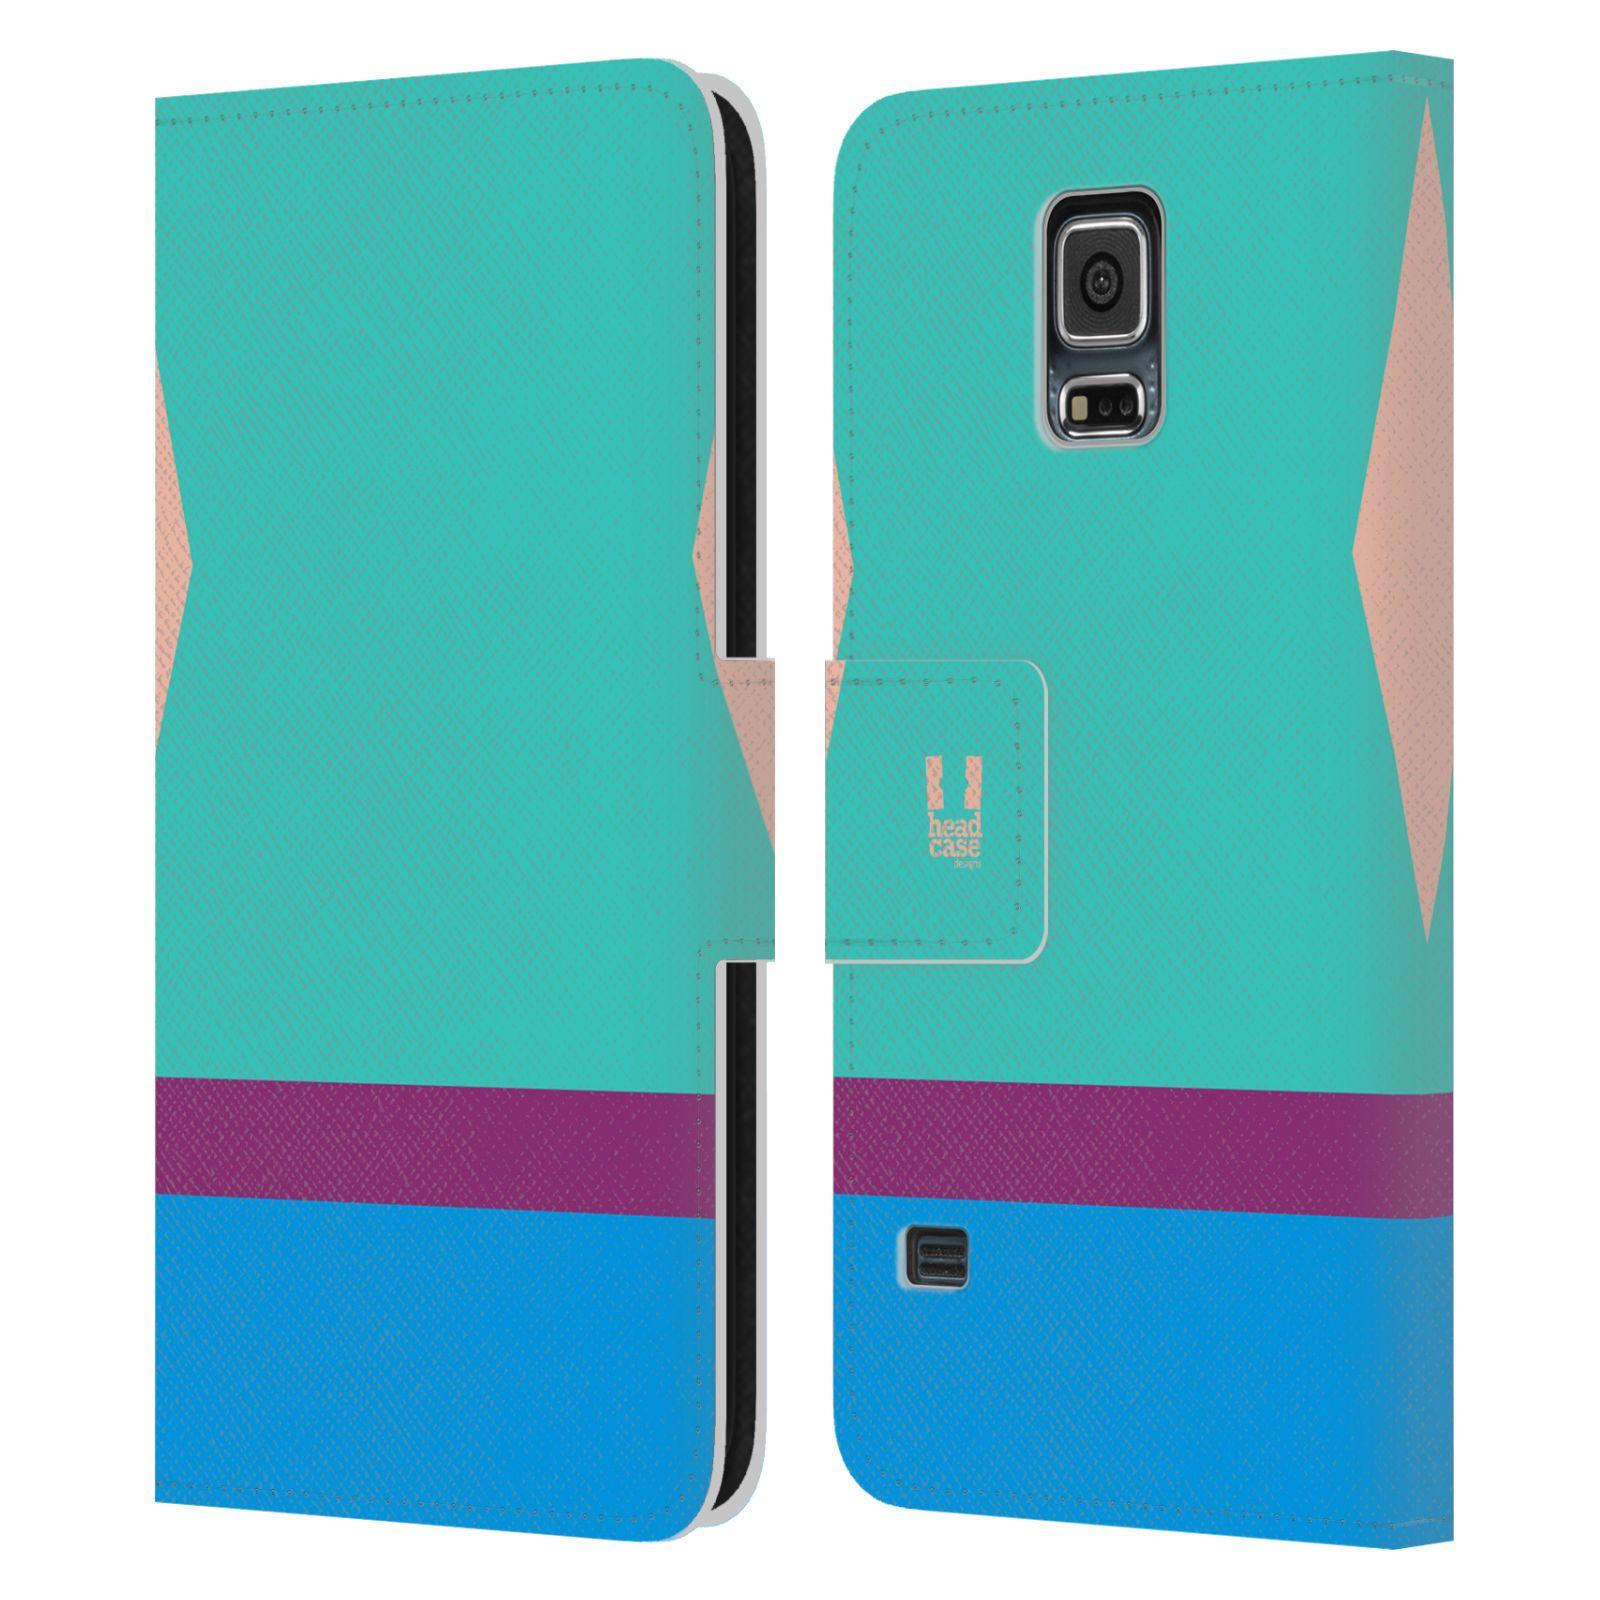 HEAD CASE Flipové pouzdro pro mobil Samsung Galaxy S5 barevné tvary modrá a fialový pruh